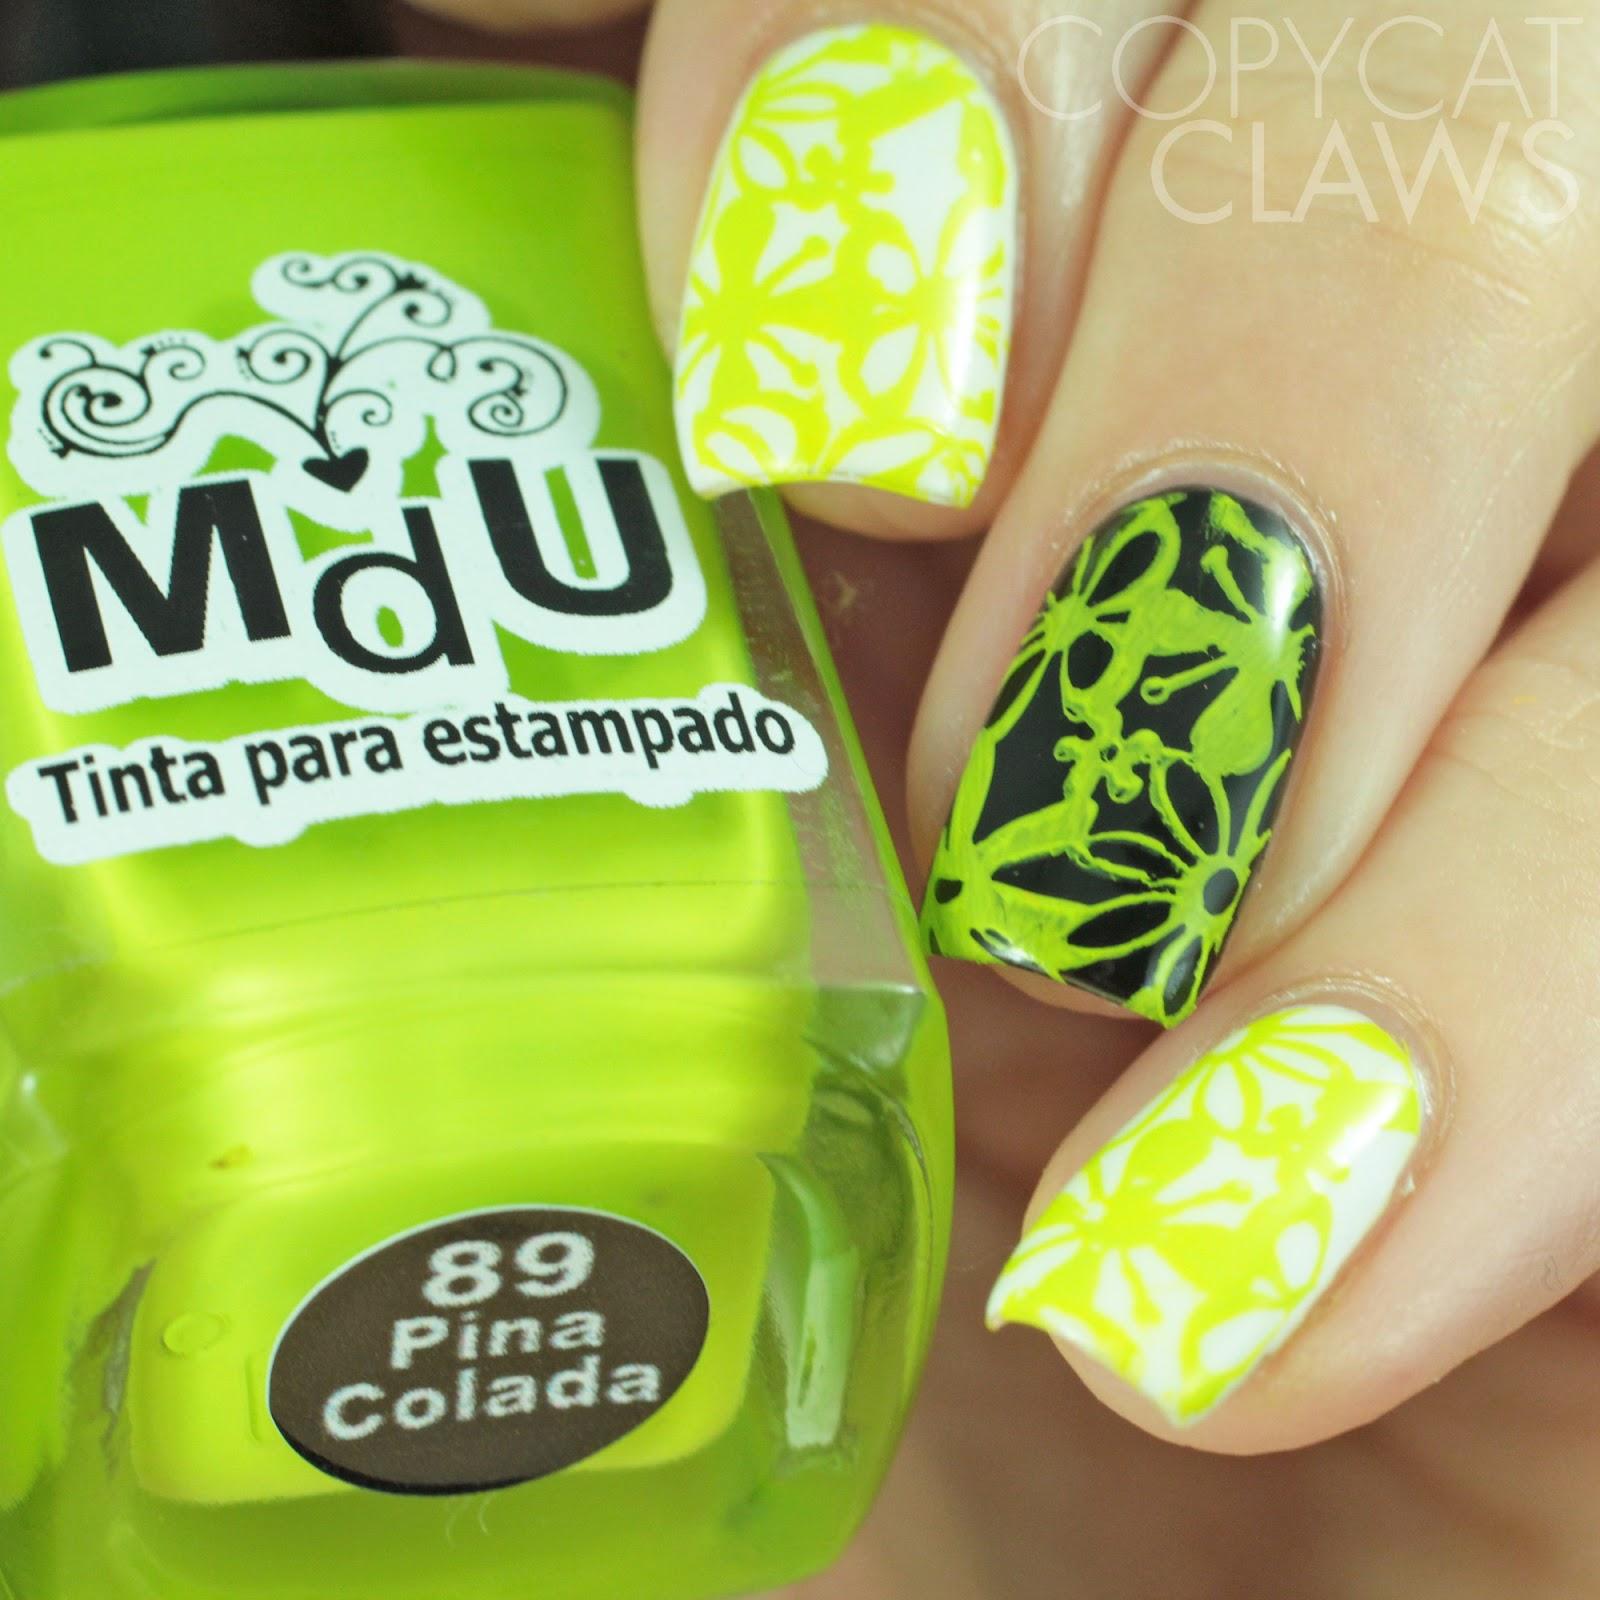 Copycat Claws: Mundo de Unas Cancun Stamping Polish Collection ...